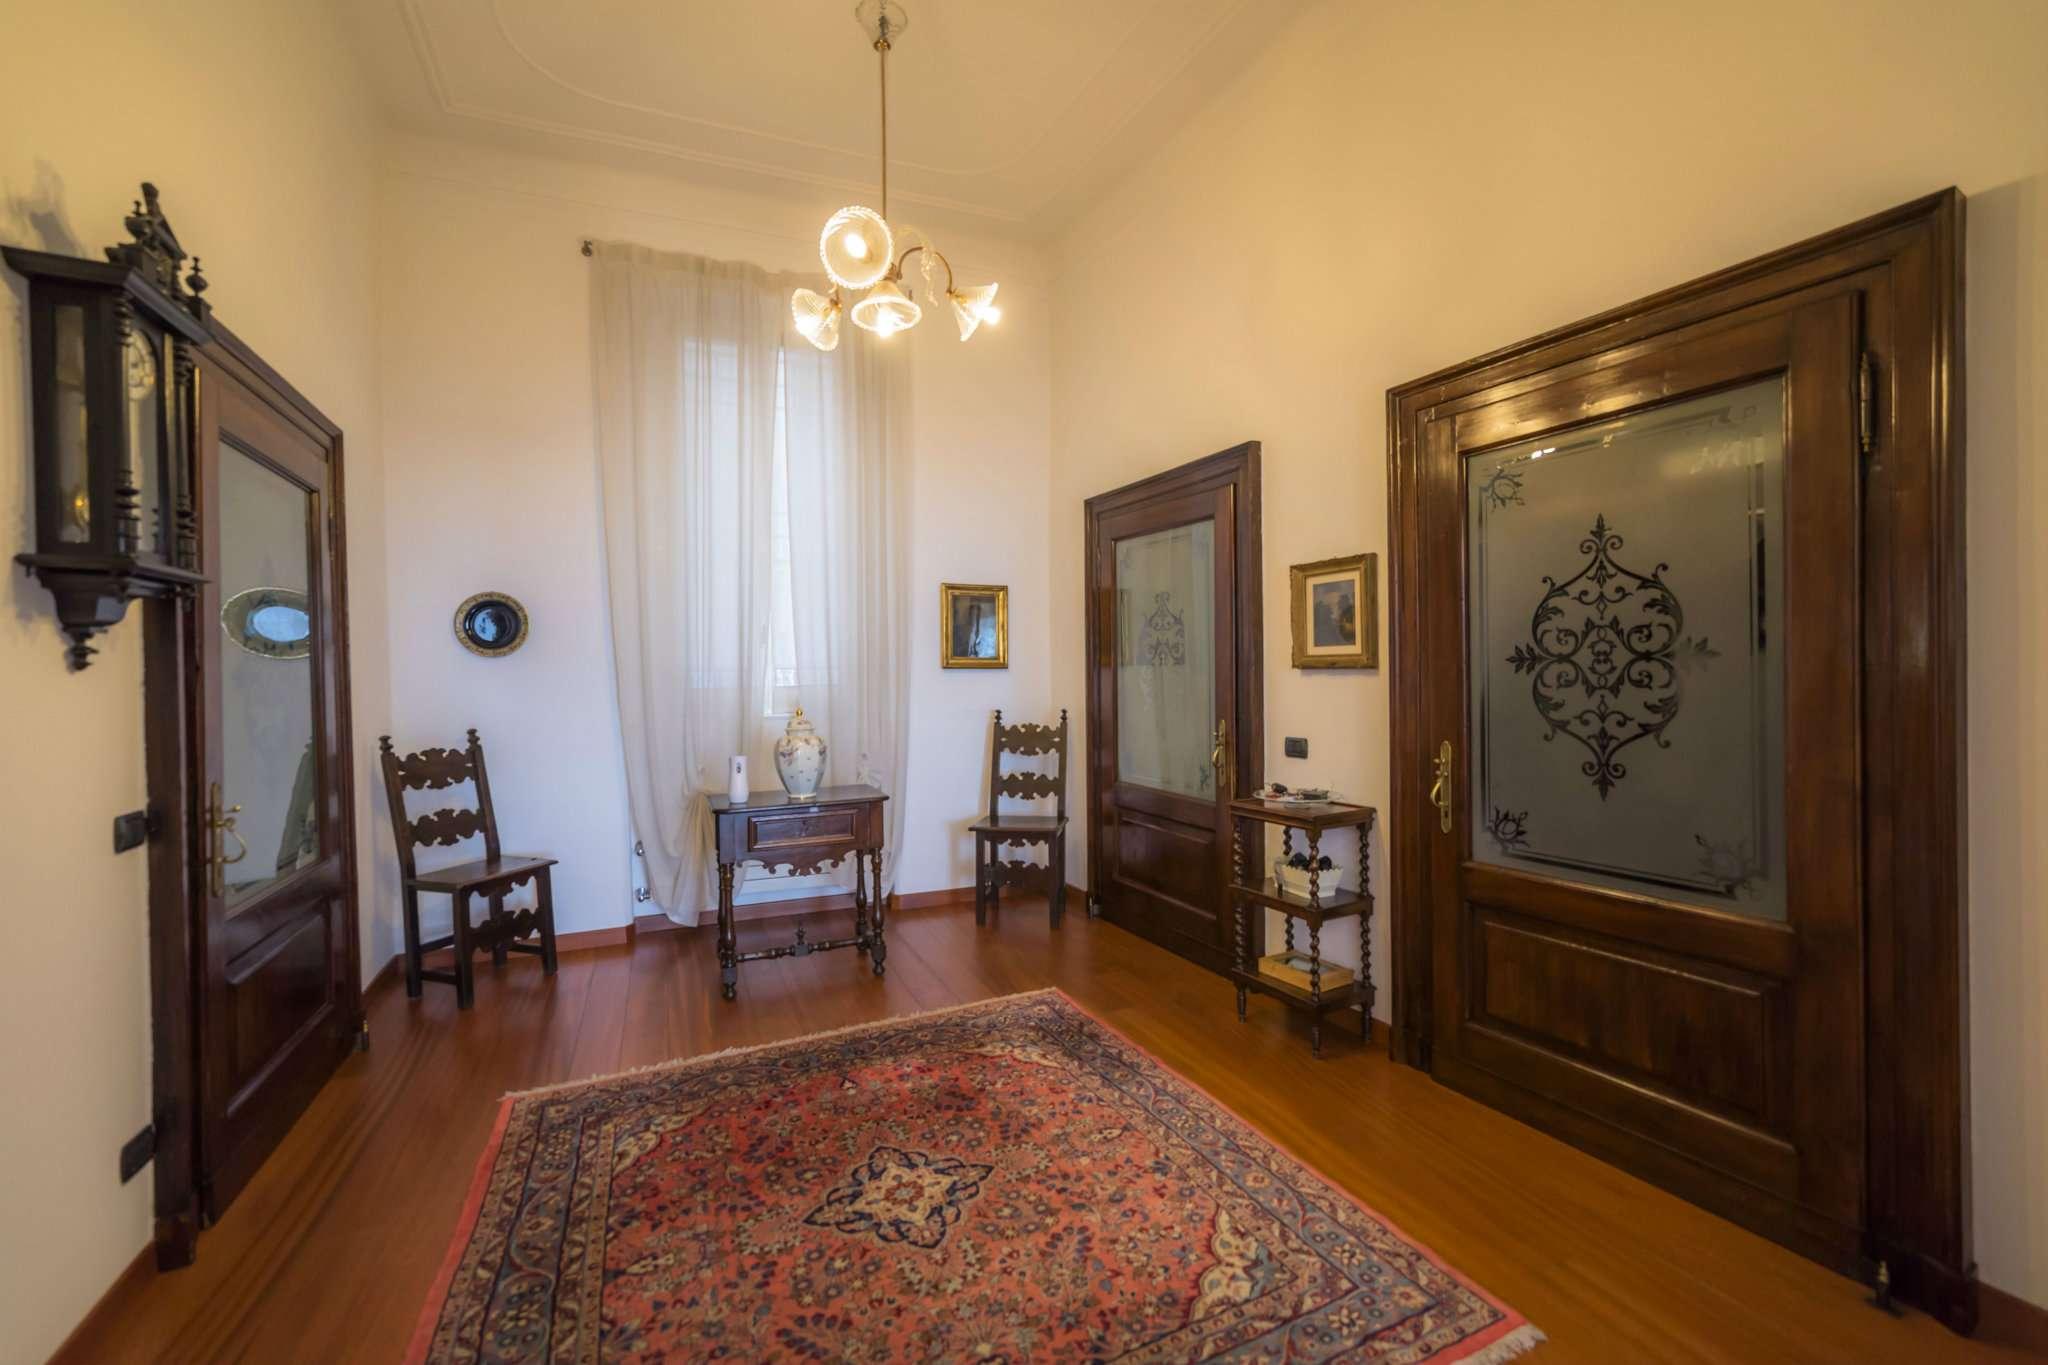 Appartamento bergamo vendita 300 mq for Grandi planimetrie dell appartamento